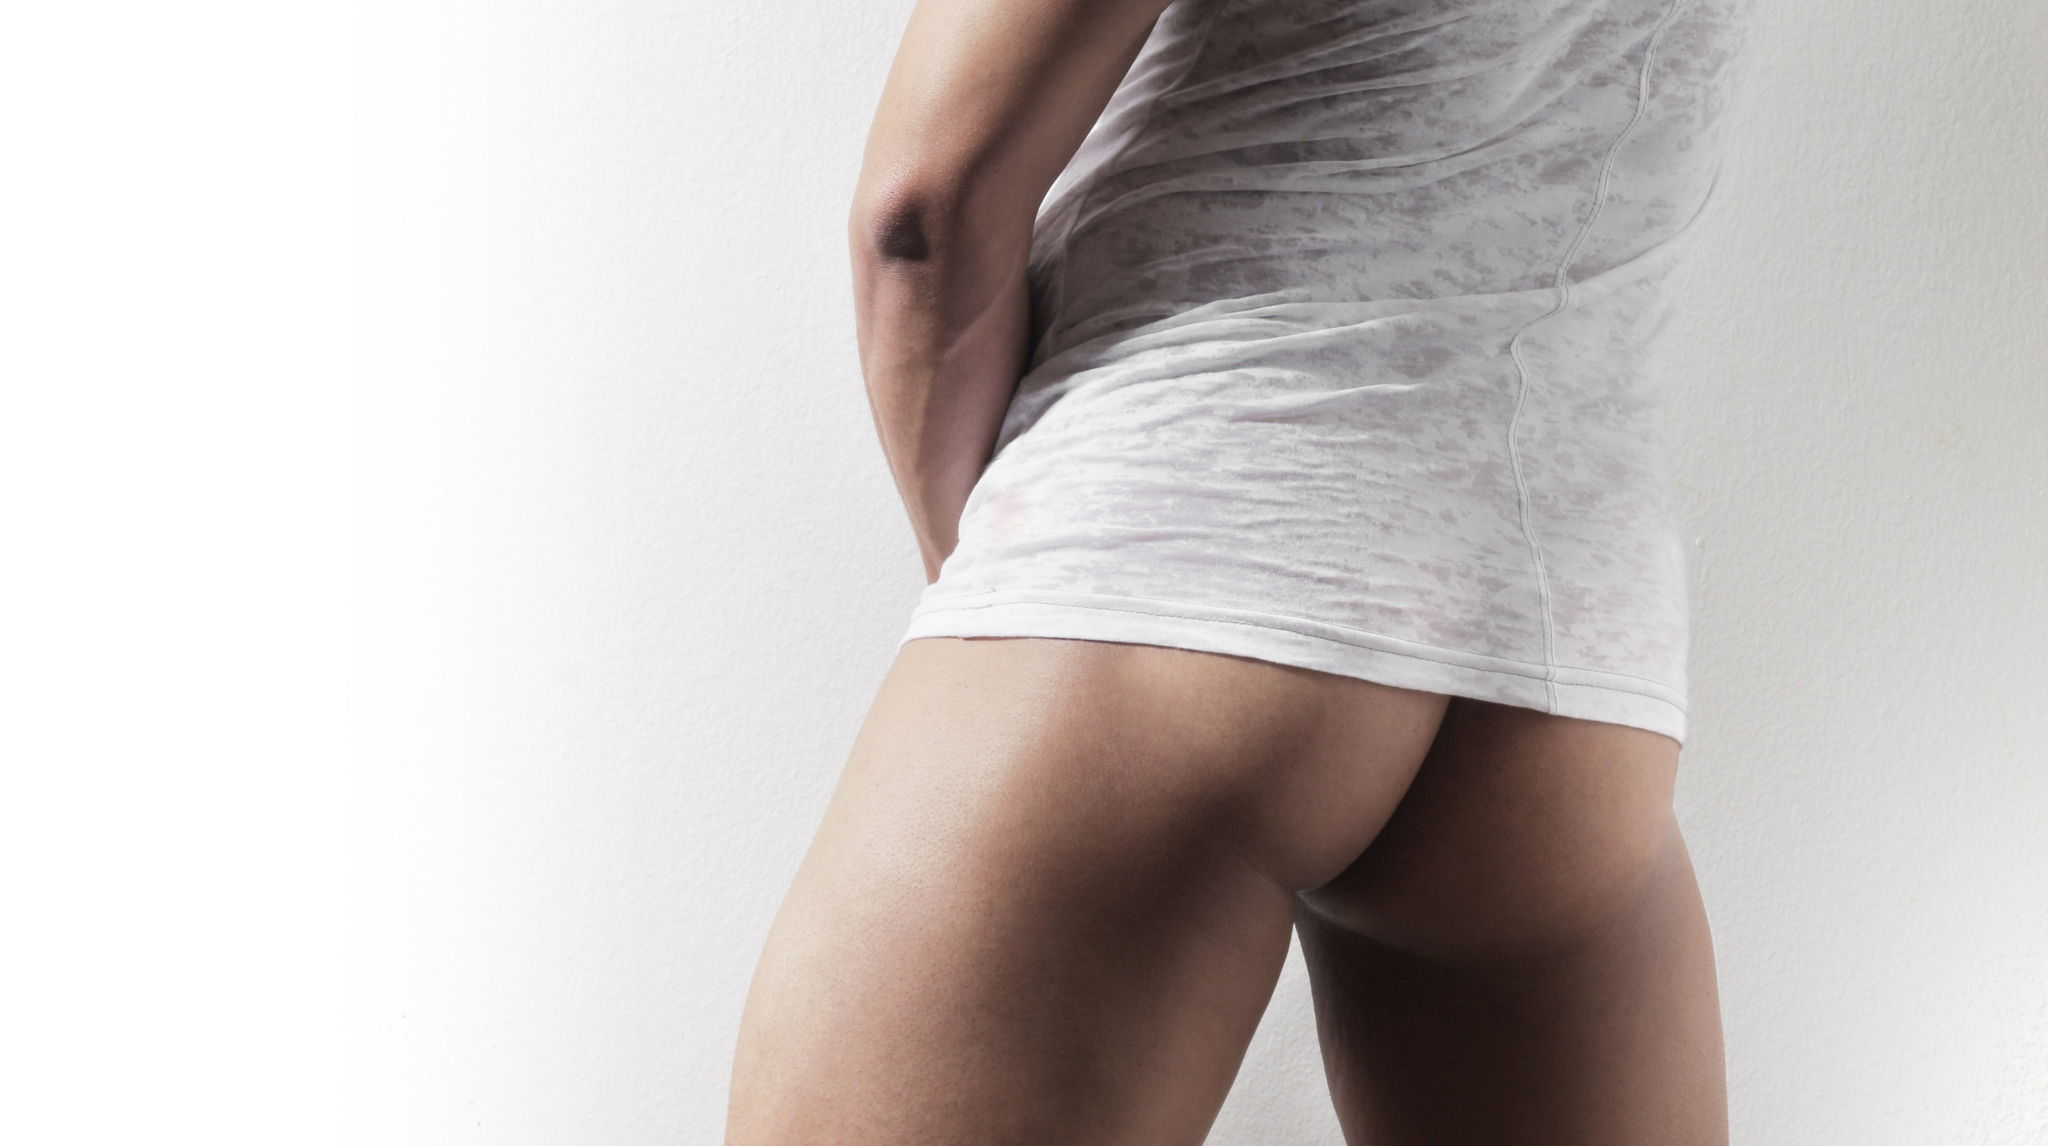 Male Ass